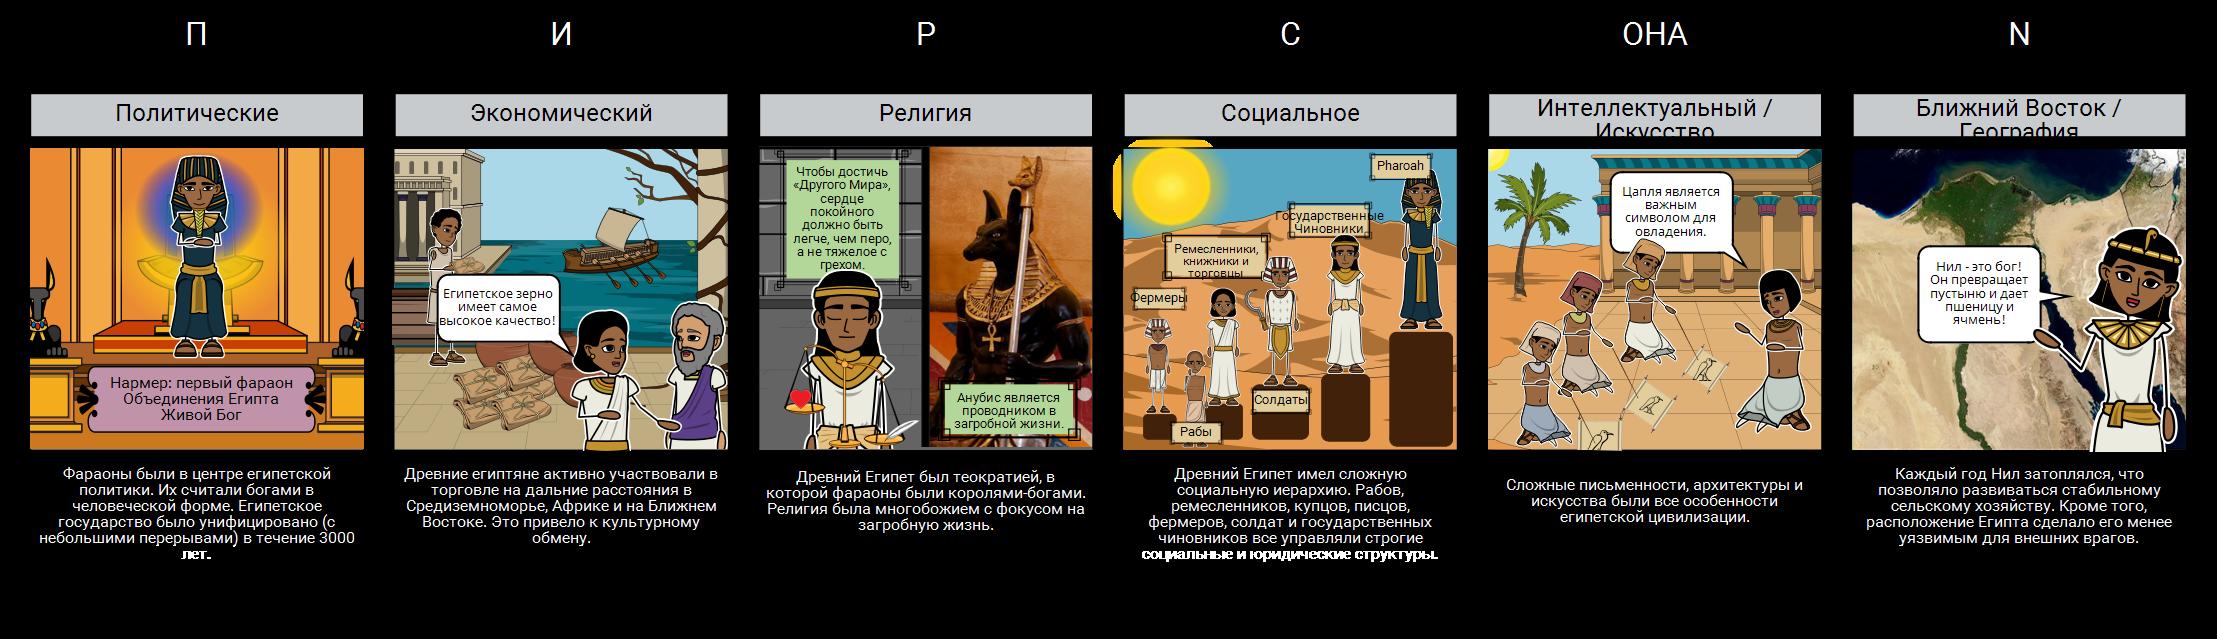 Введение в Древнем Египте - ПЕРСИДСКИЙ